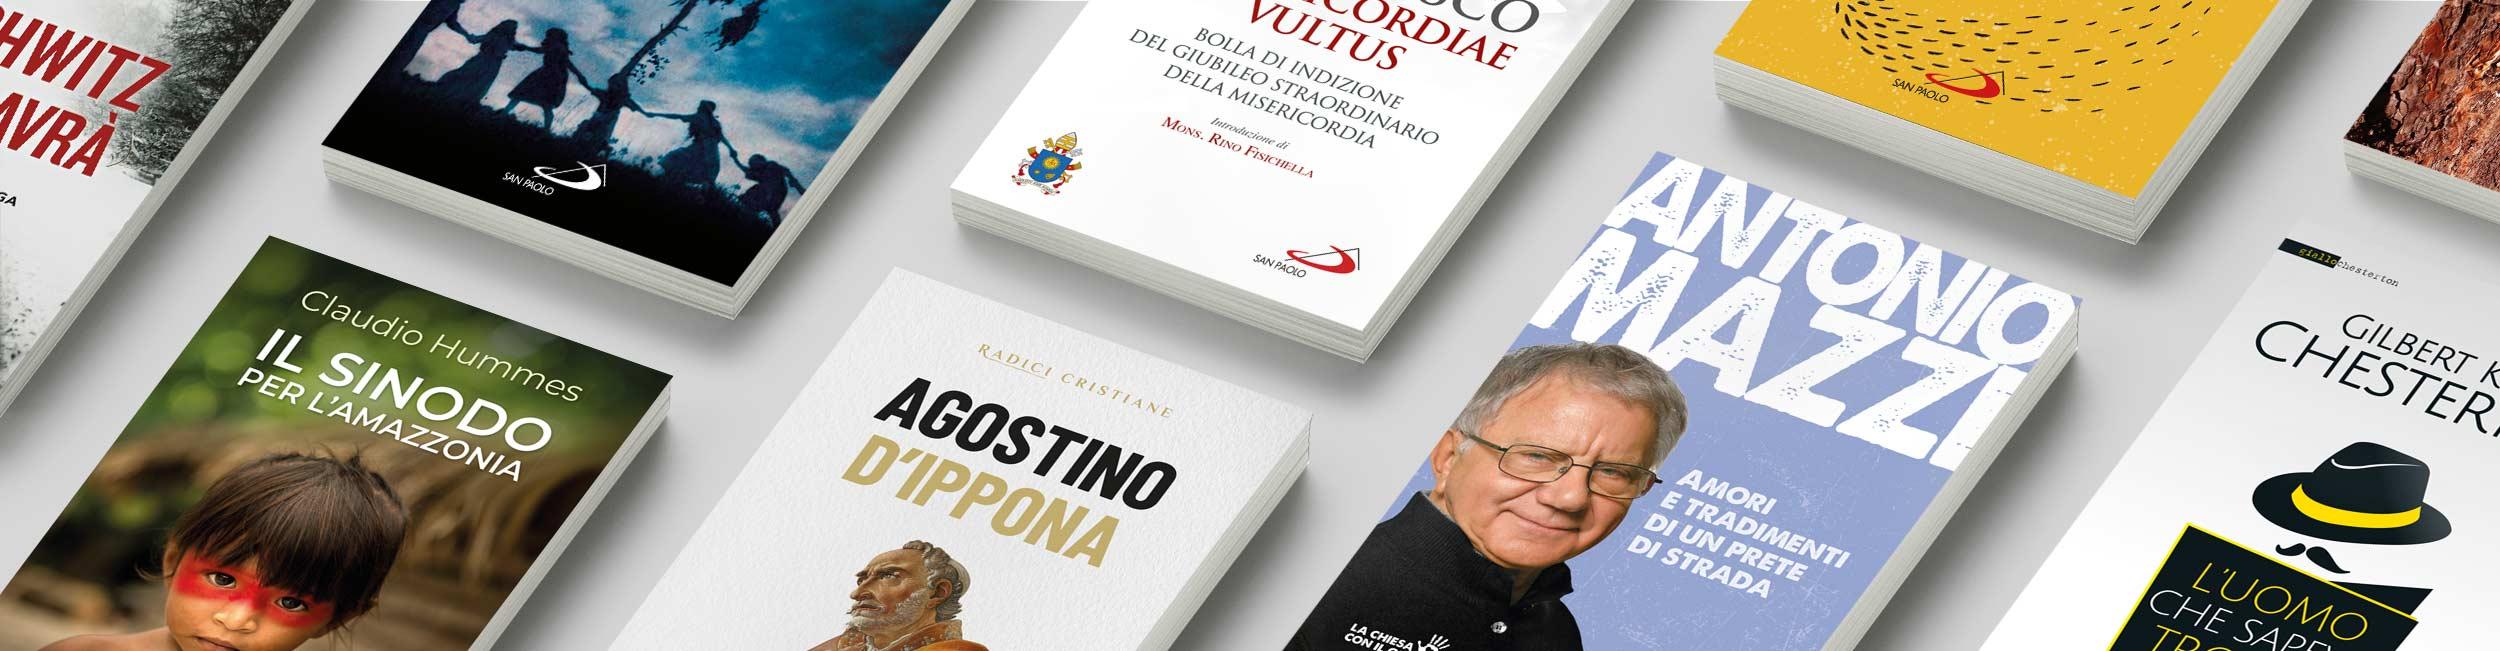 Edizioni San Paolo - Collane editoriali